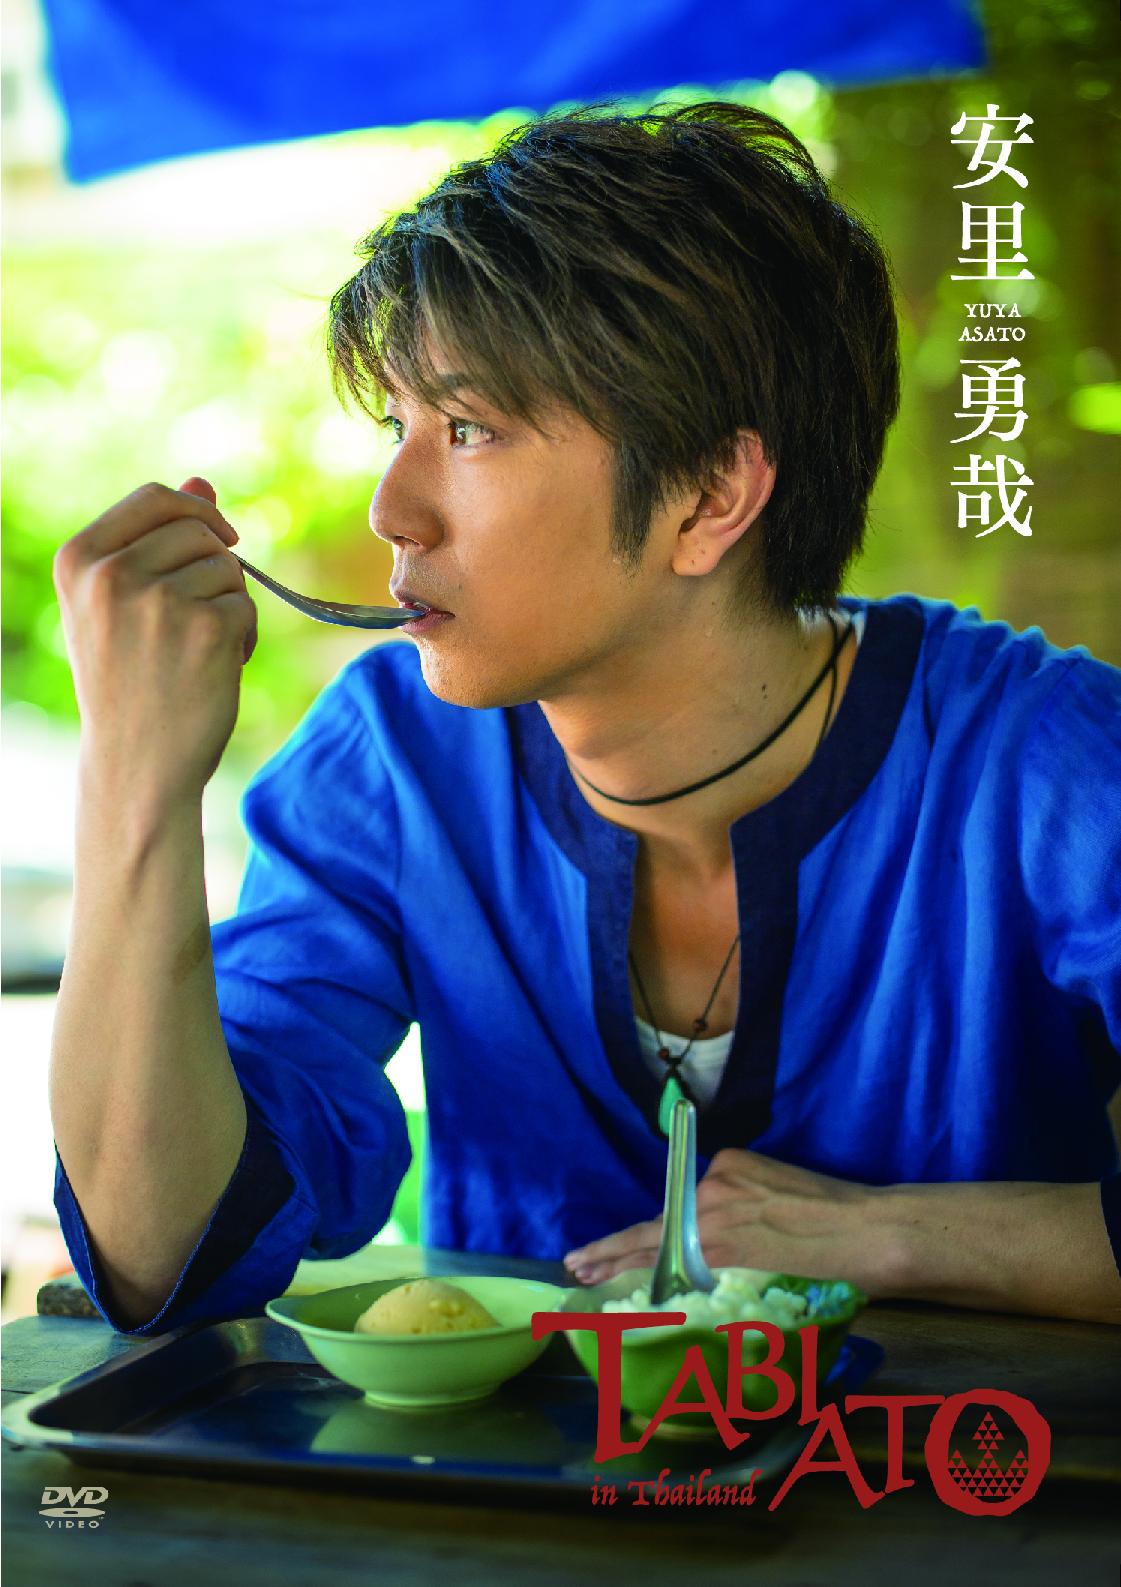 アザージャケット&チェキ付き安里勇哉1st DVD「TABIATO」